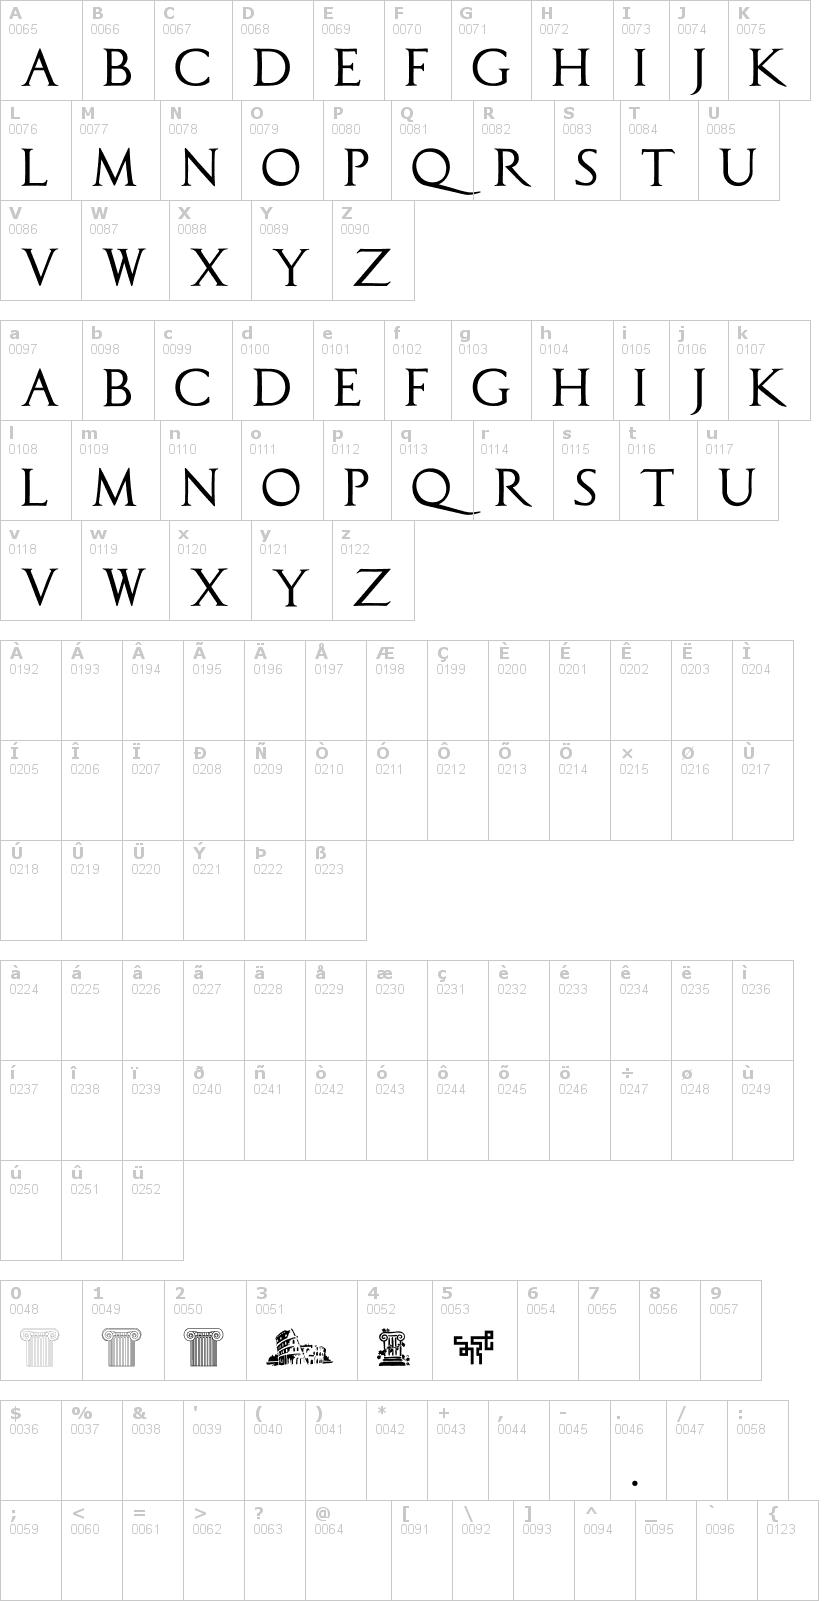 Lettere dell'alfabeto del font capitalis-typoasis con le quali è possibile realizzare adesivi prespaziati